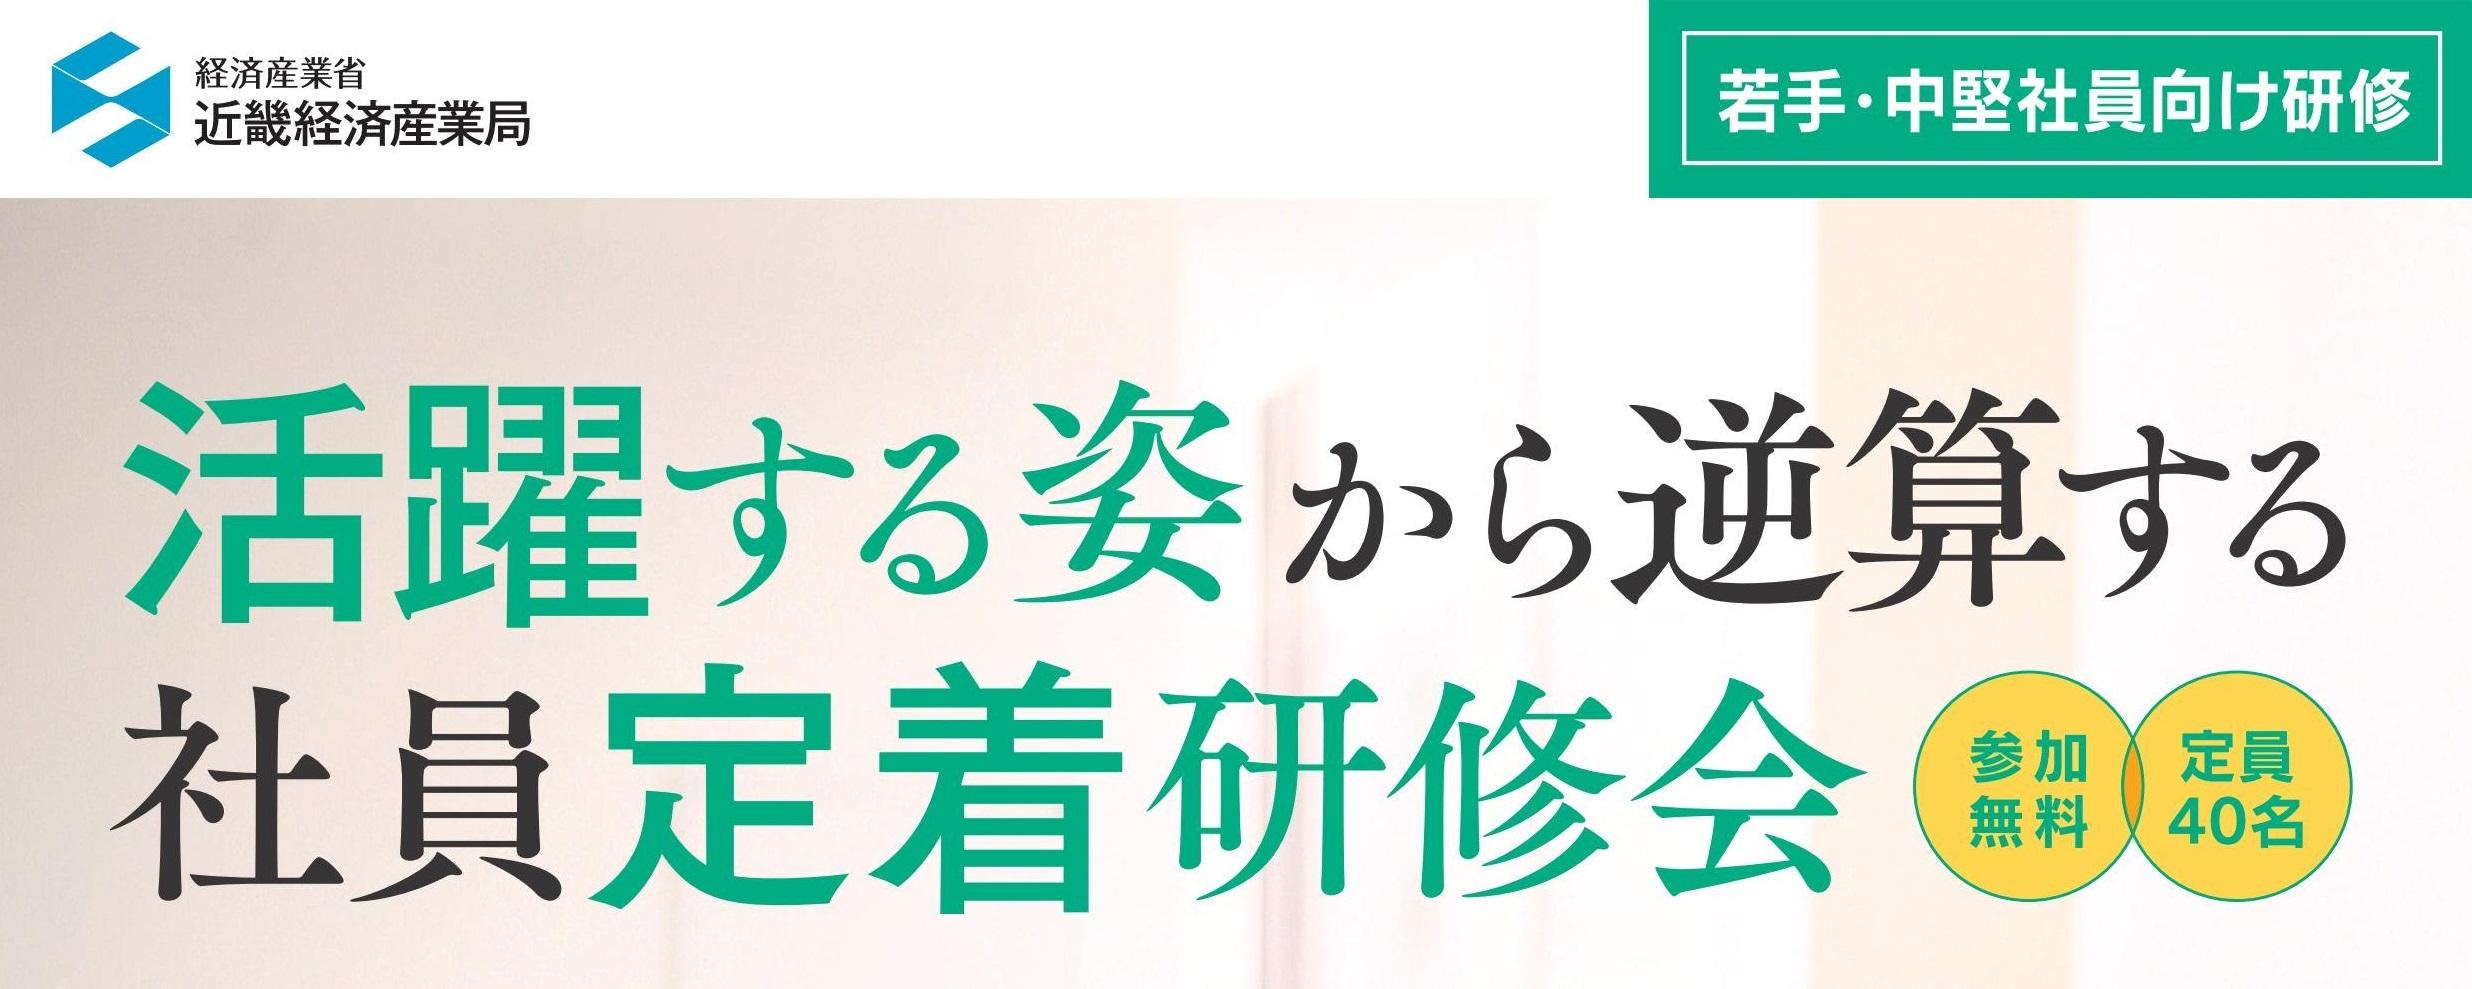 fukui_kensyu_1004_top.jpg